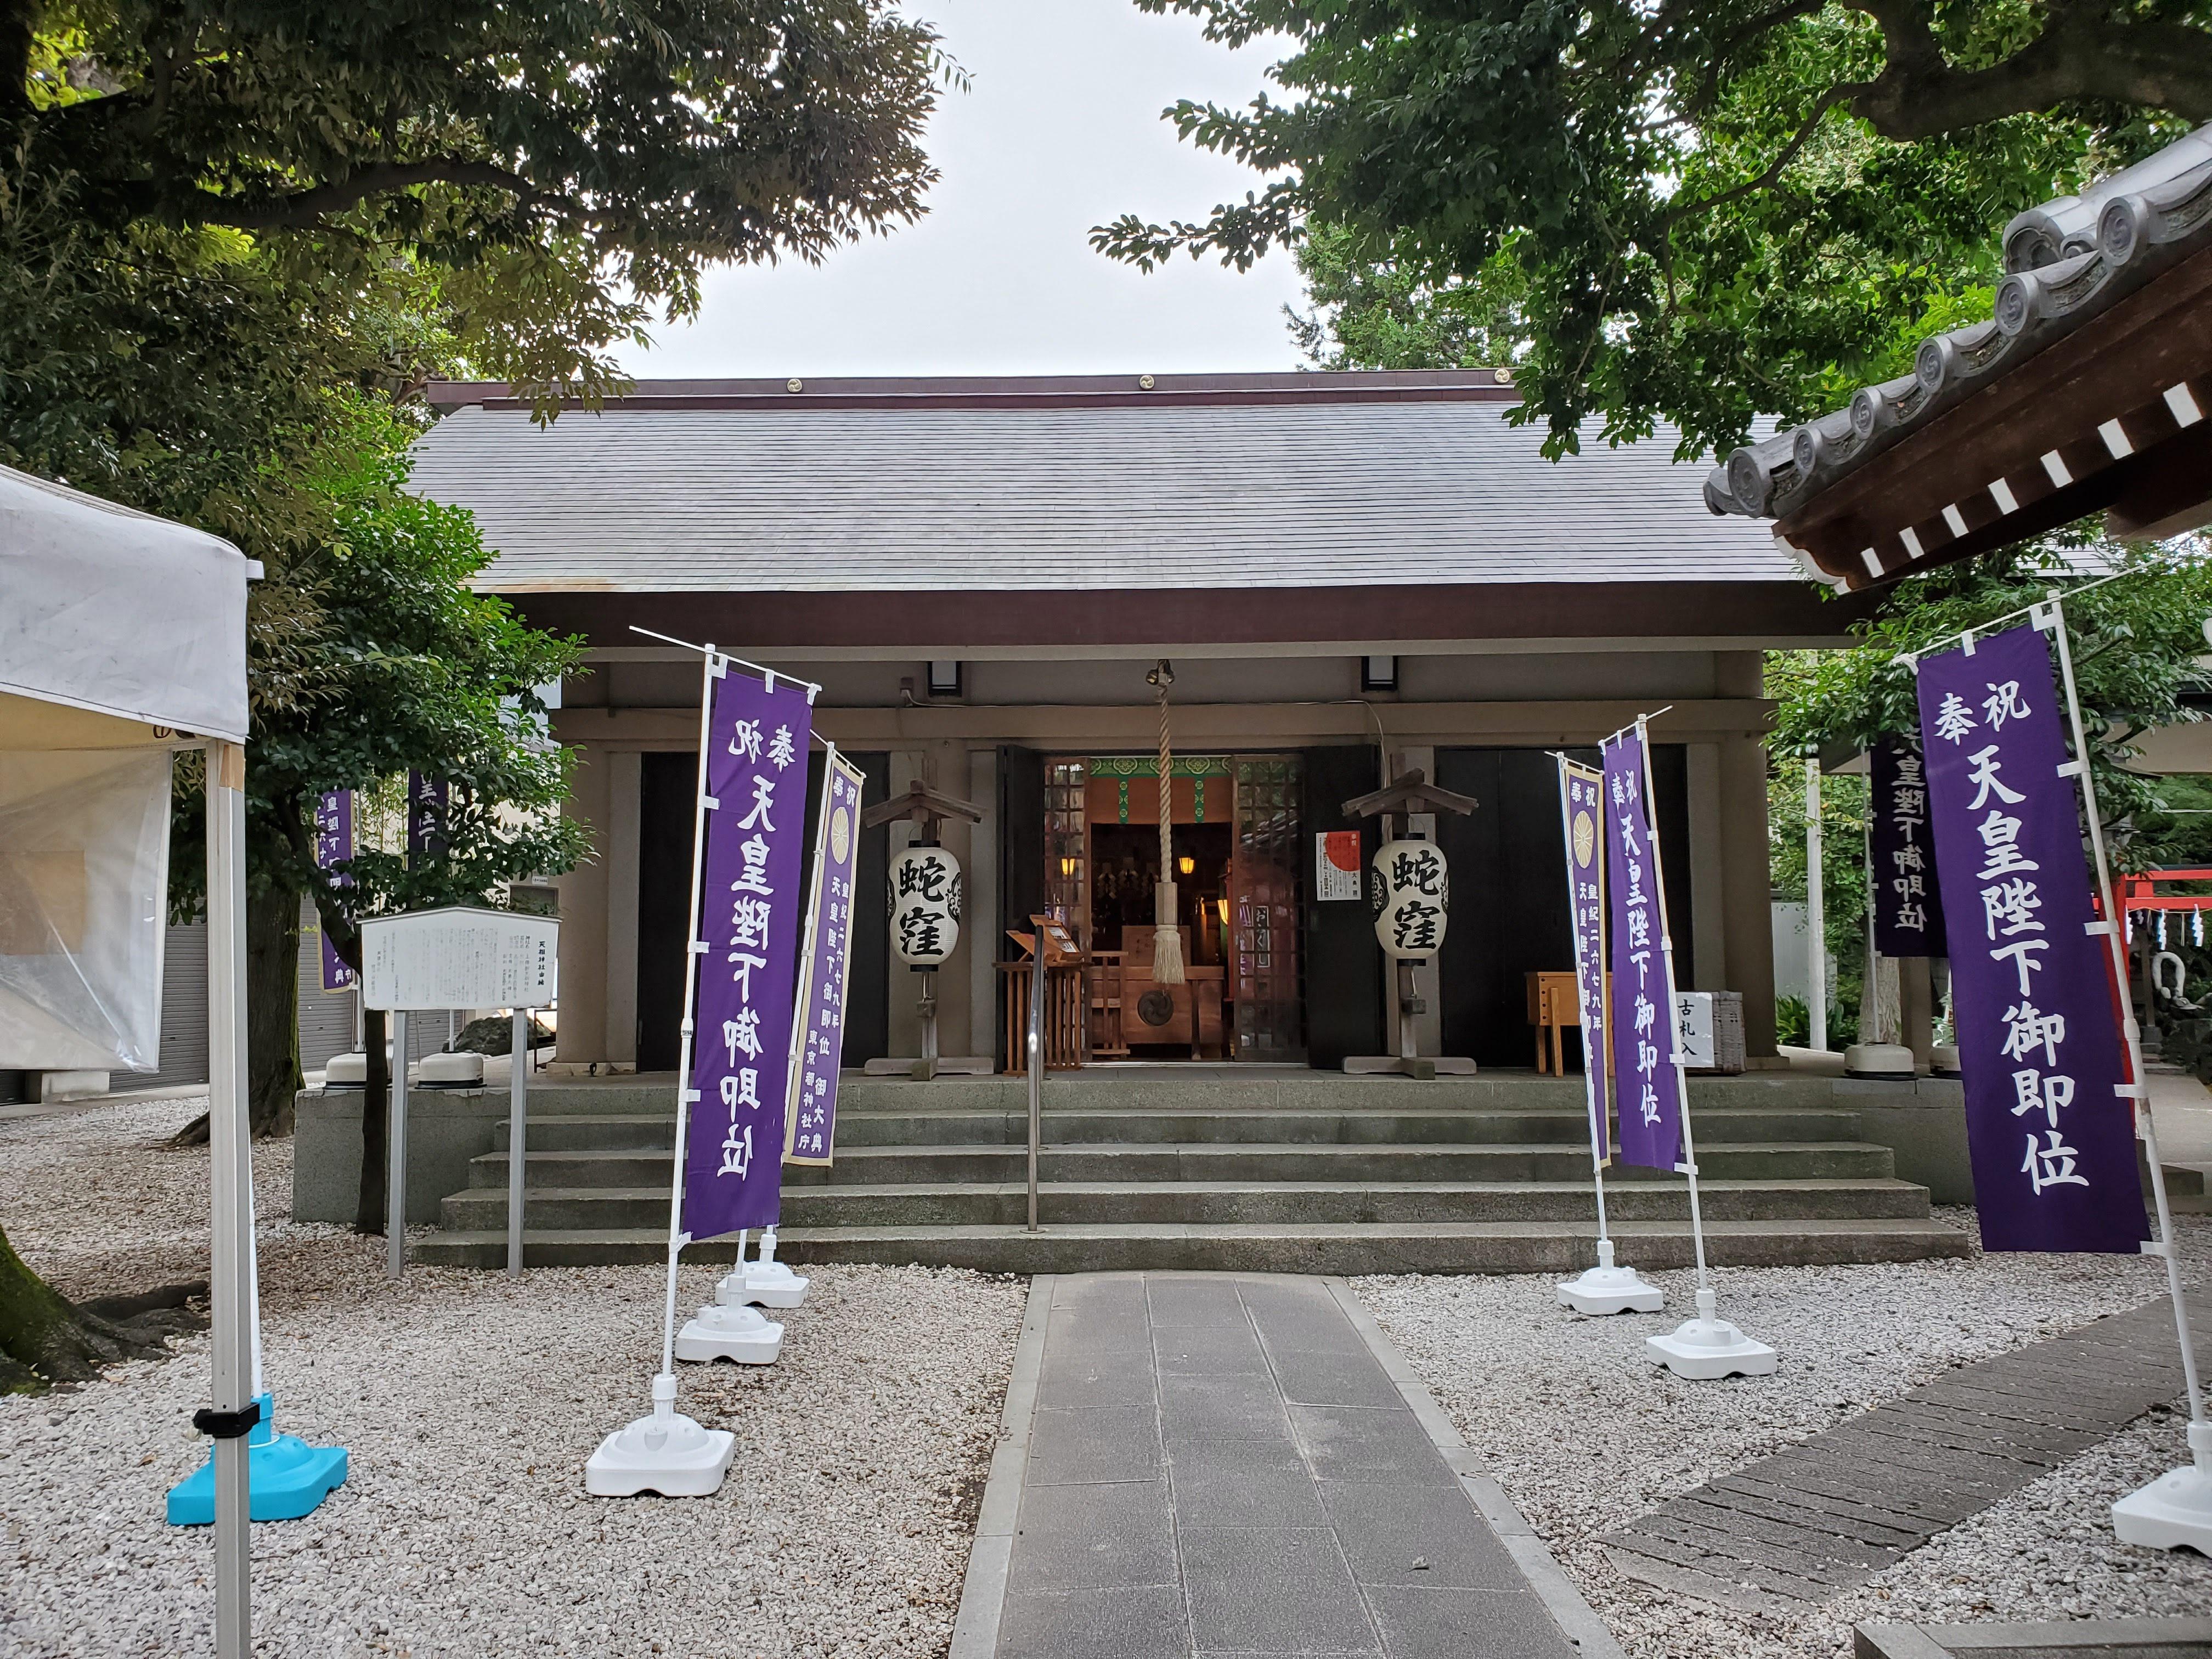 蛇窪神社(上神明天祖神社)令和の限定御朱印をもらってきたよ 白蛇で金運アップ!